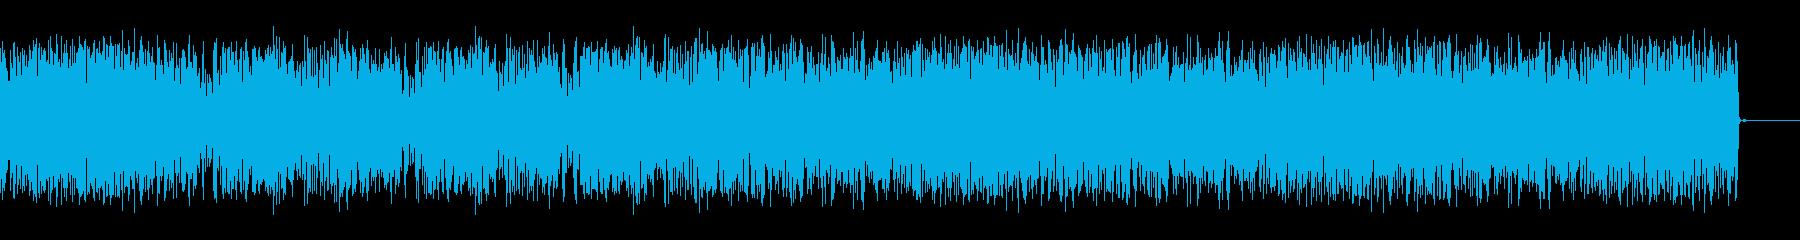 ホイッピング静的スワイプ7の再生済みの波形